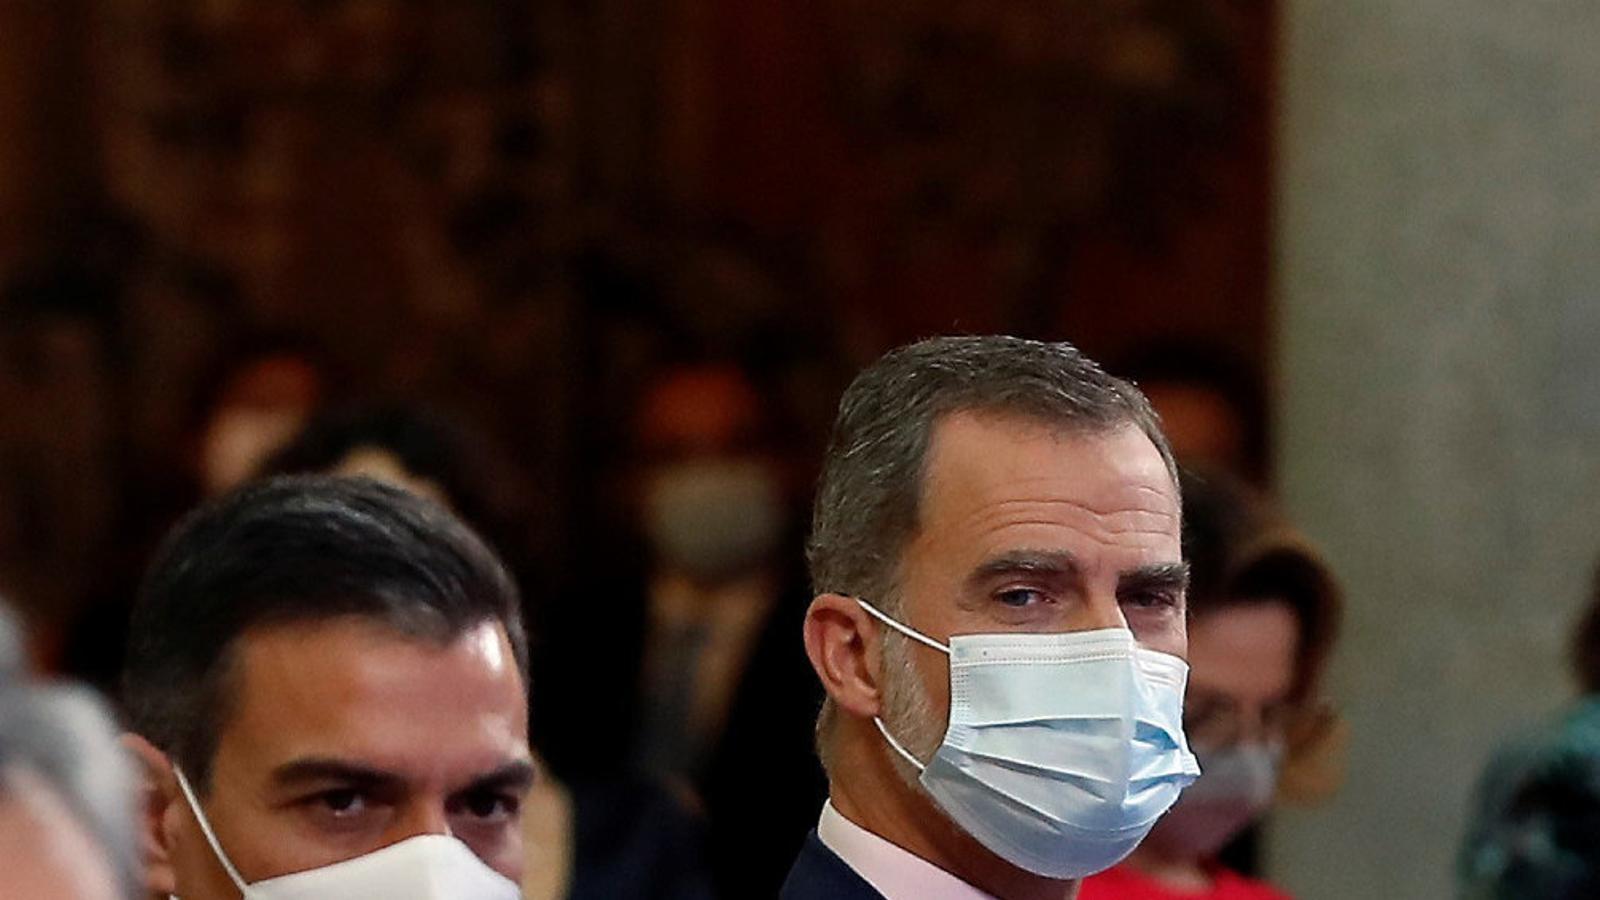 Felip VI i el president del govern espanyol, Pedro Sánchez, el novembre passat al Palau del Pardo.